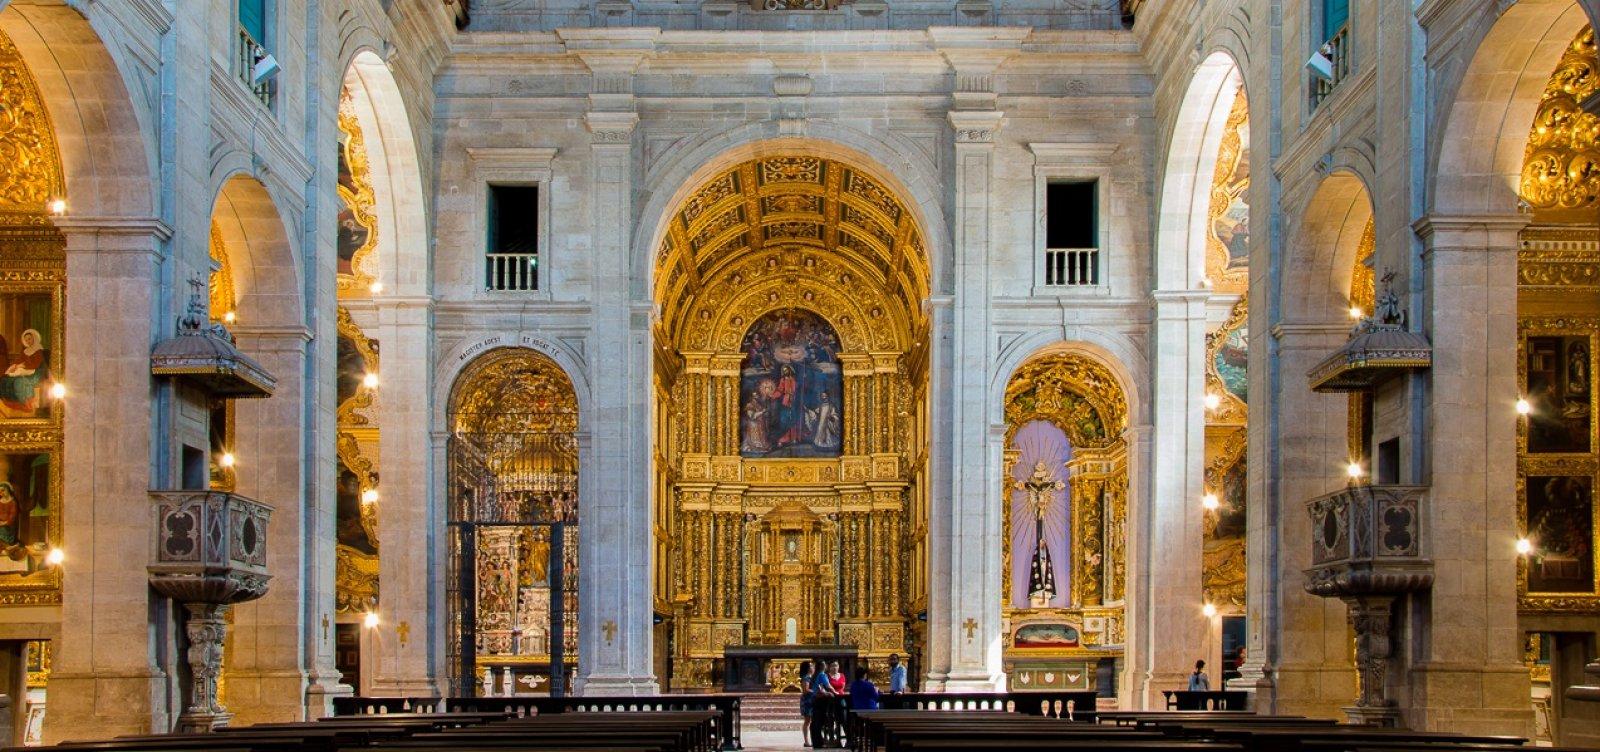 Catedral Basílica ganha altar definitivo após 55 anos com relíquia de Santa Dulce